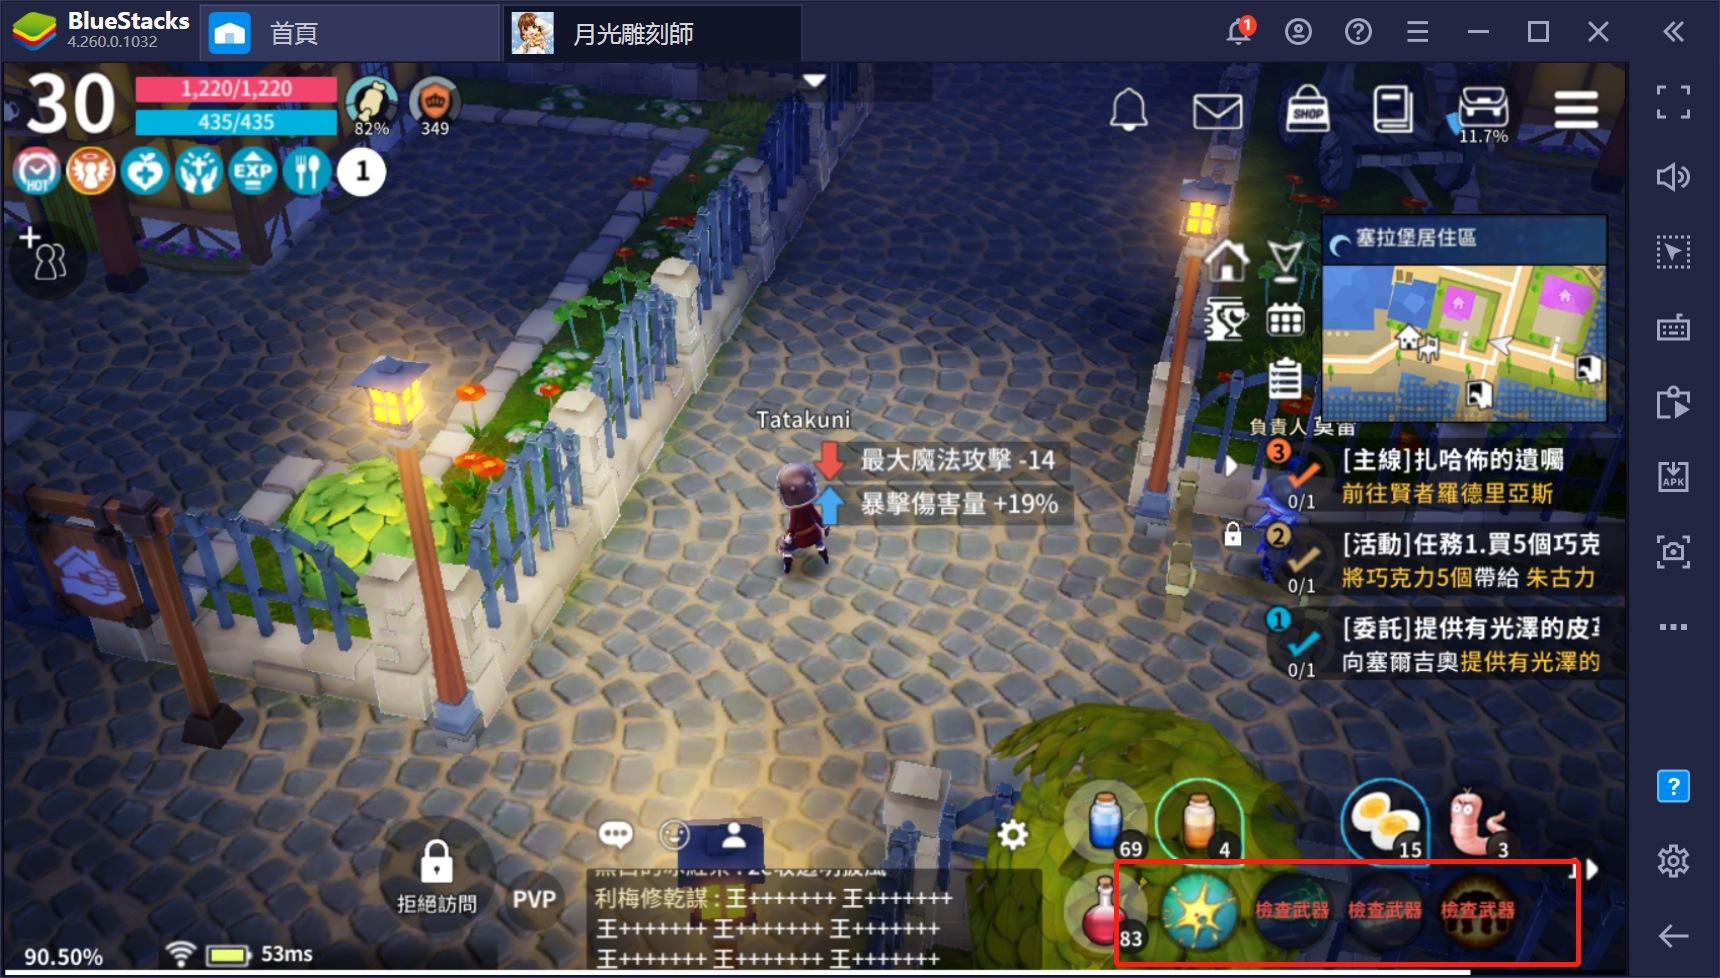 如何用BlueStacks在PC上玩《月光雕刻師》專屬職業-雕刻師